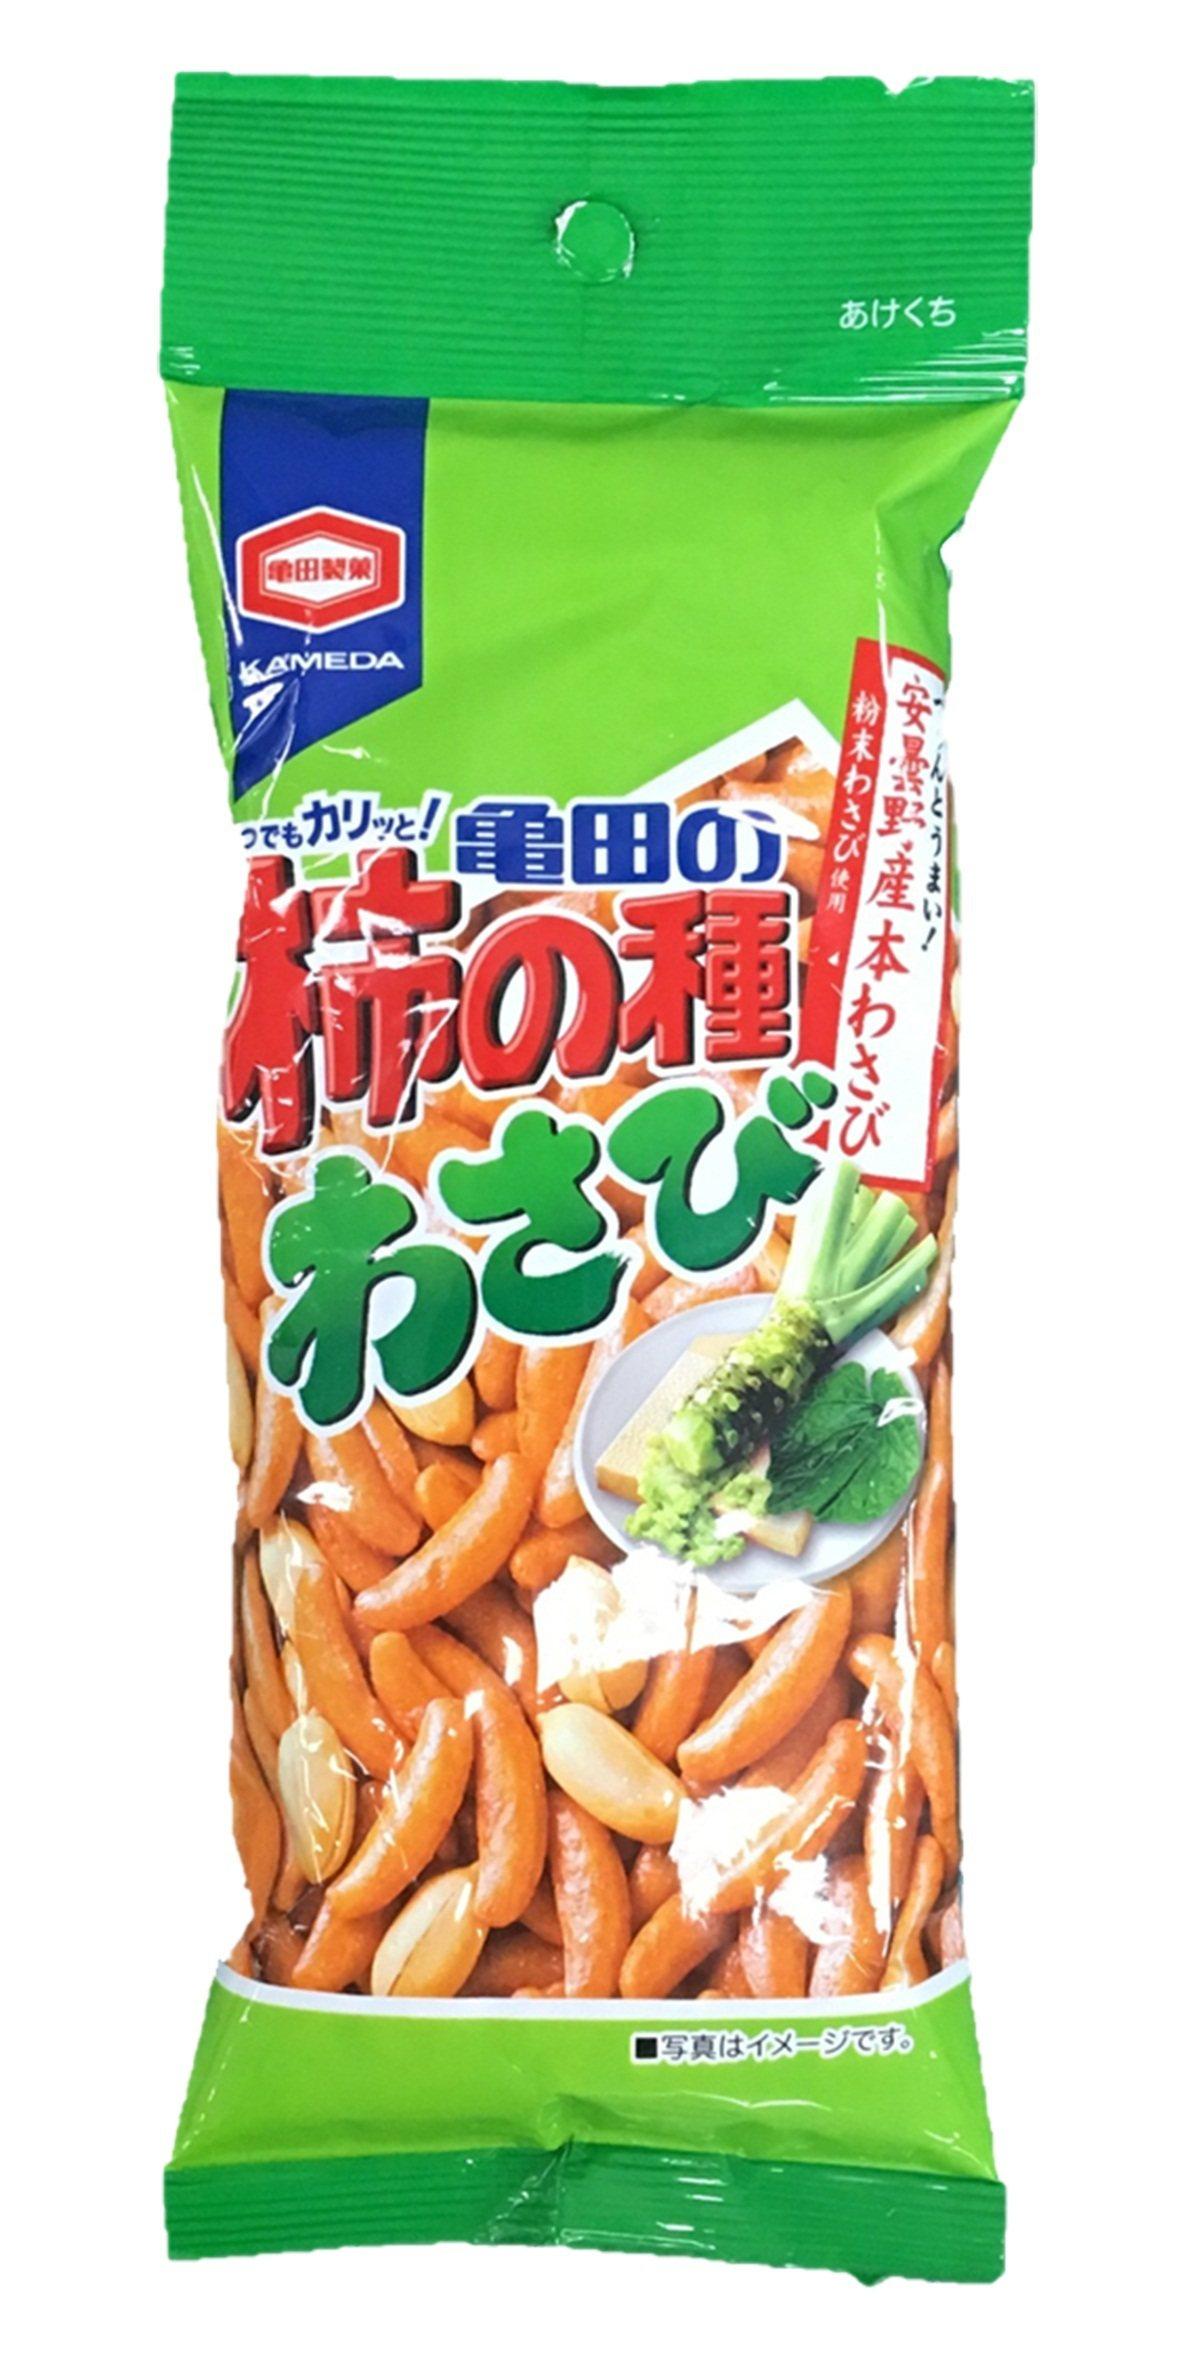 龜田製菓哇沙米米菓。圖/萊爾富提供